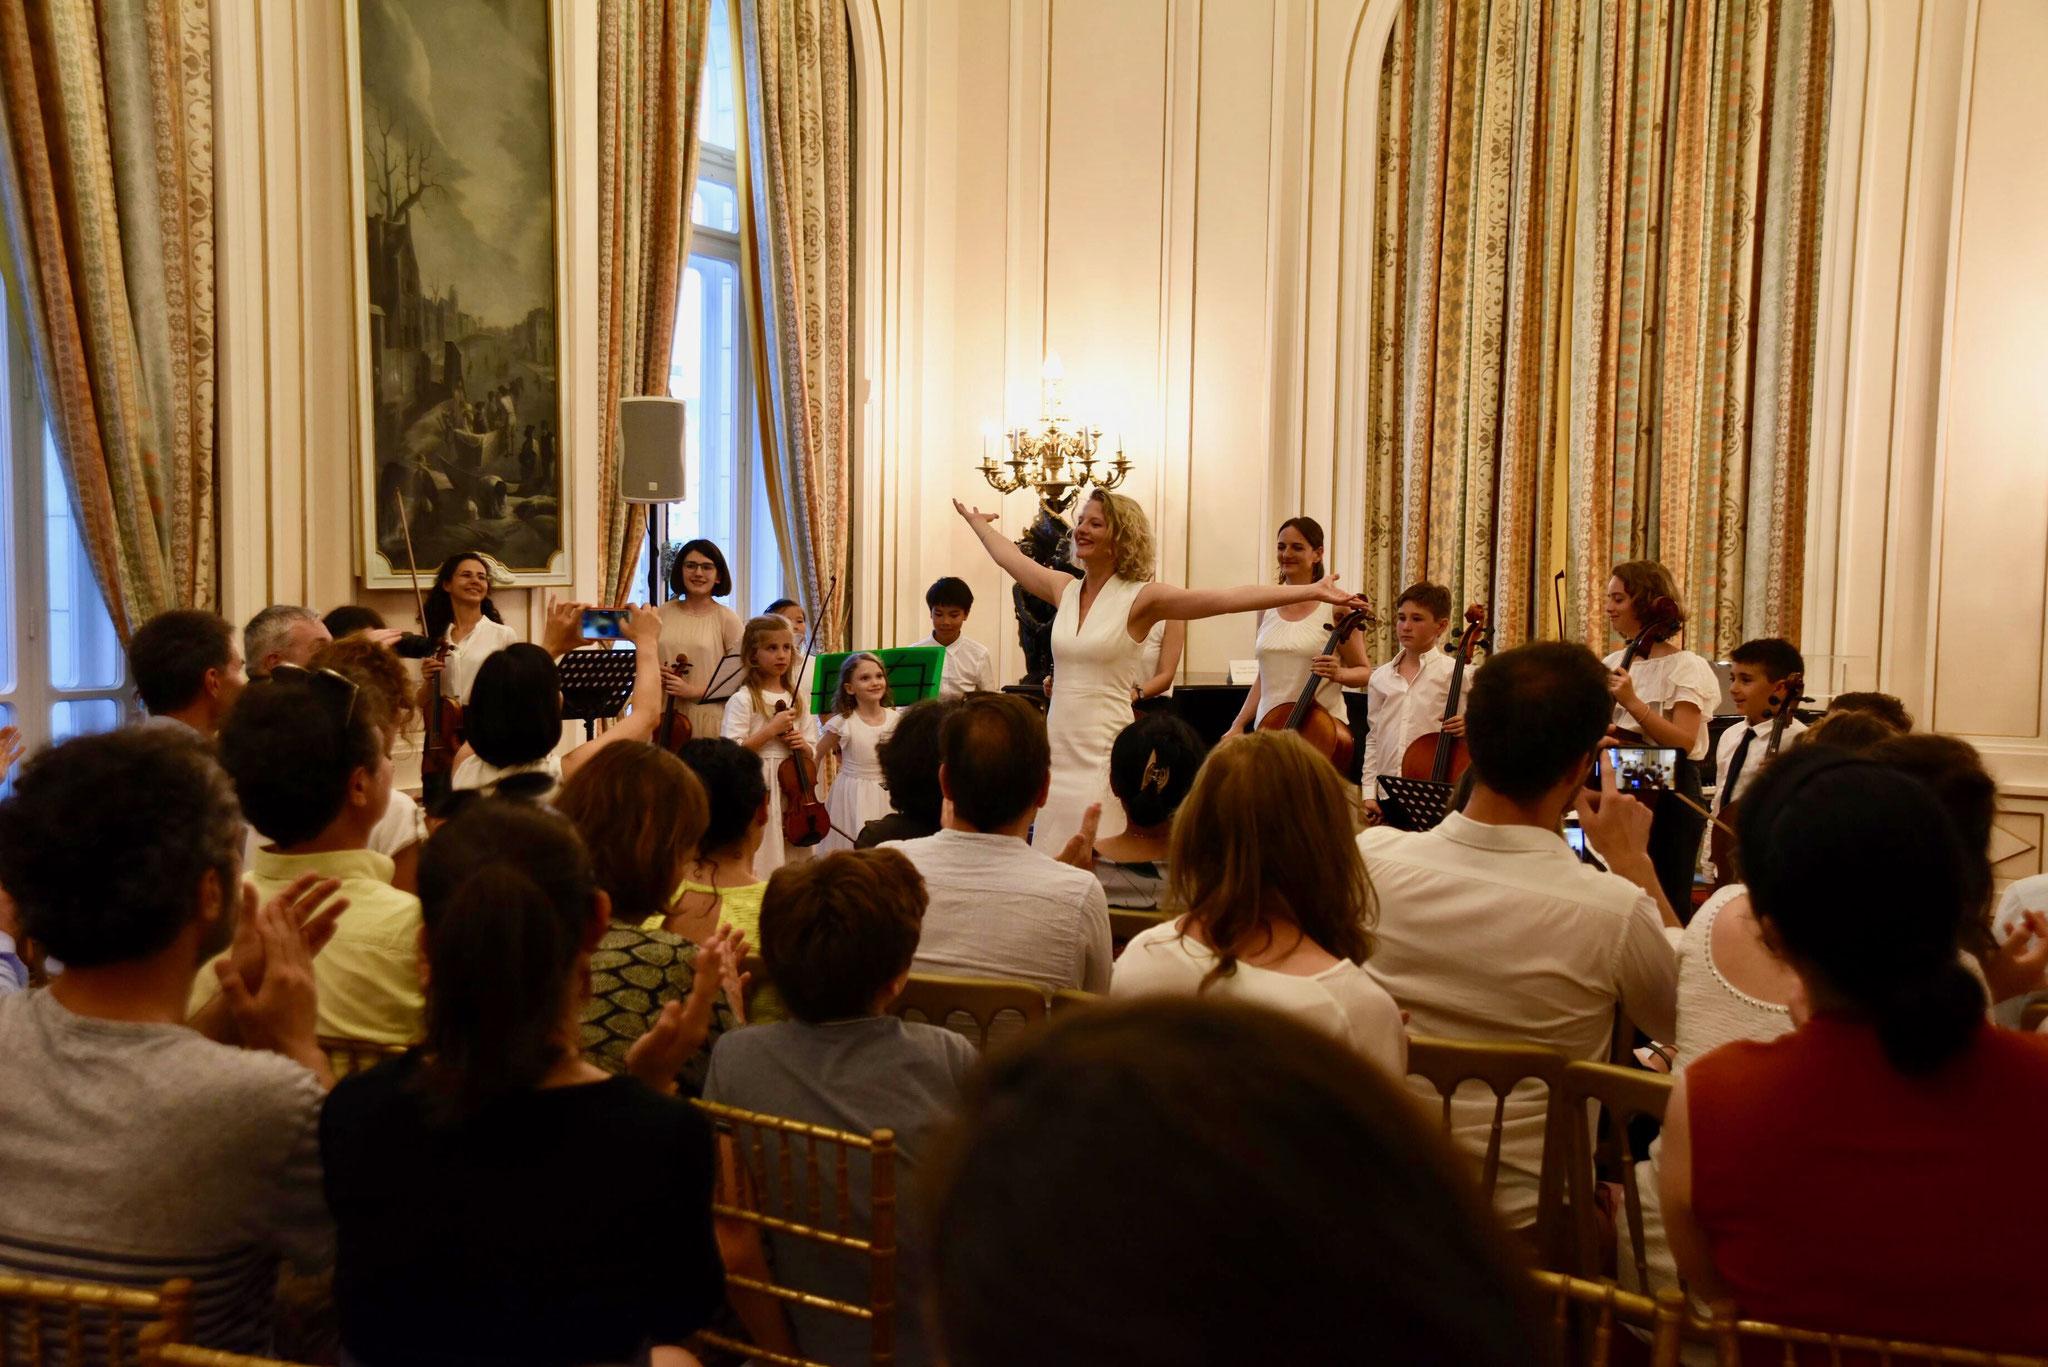 Musikschulkonzert in der Französischen Botschaft